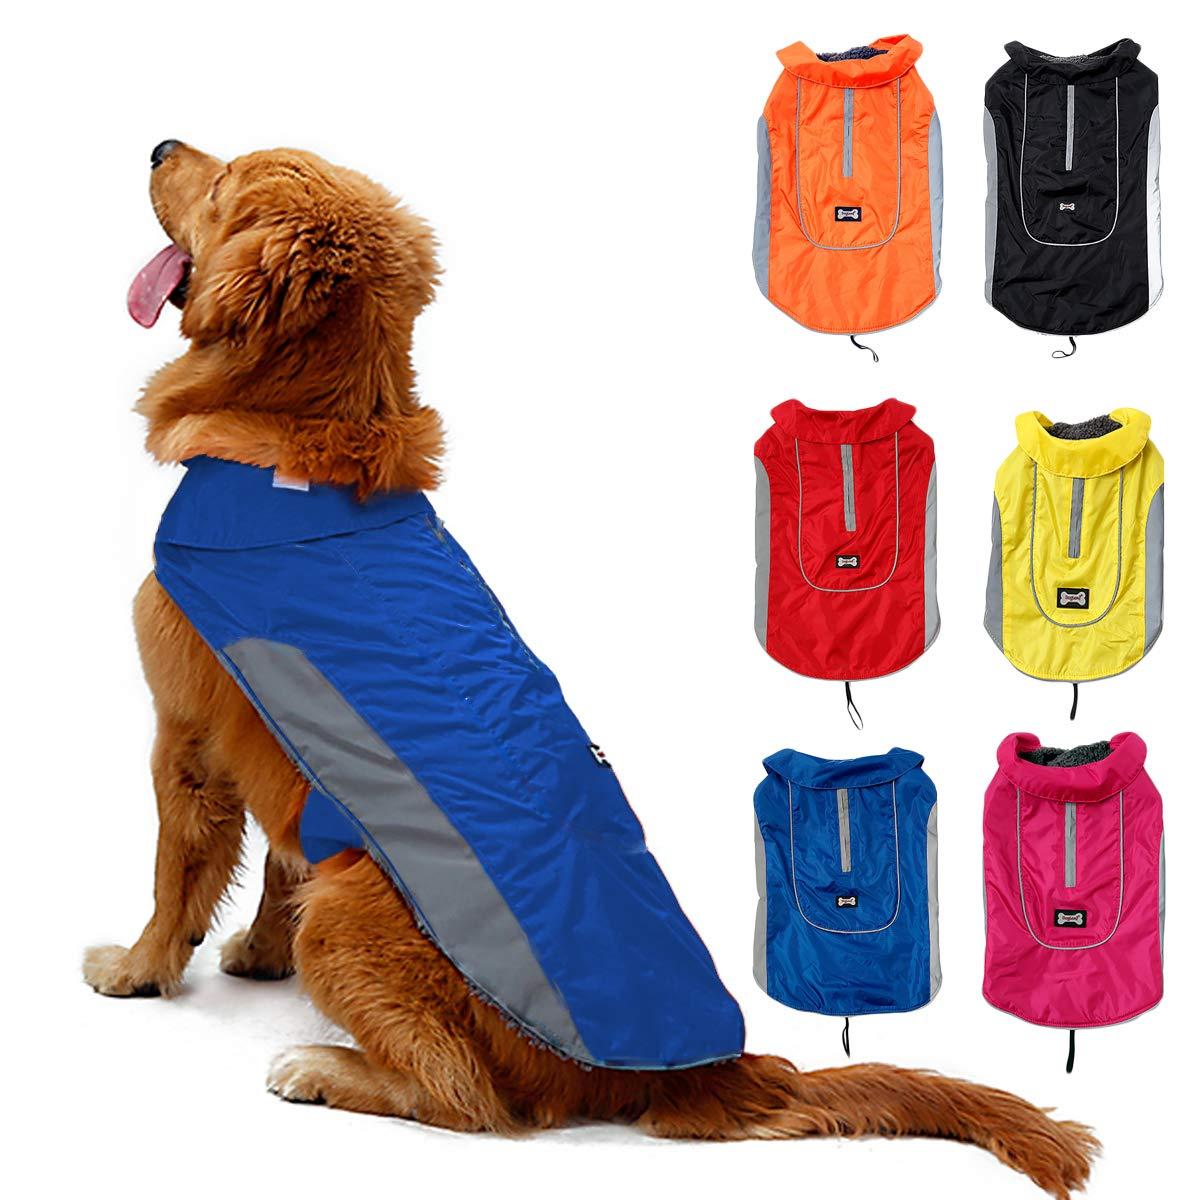 TFENG Reflektierend Hundejacke für Hunde, Wasserdicht Hundemantel Warm Gepolstert Puffer Weste Welpen Regenmantel mit Fleece, Größe XS Bis 3XL Orange) TFENG Inc.